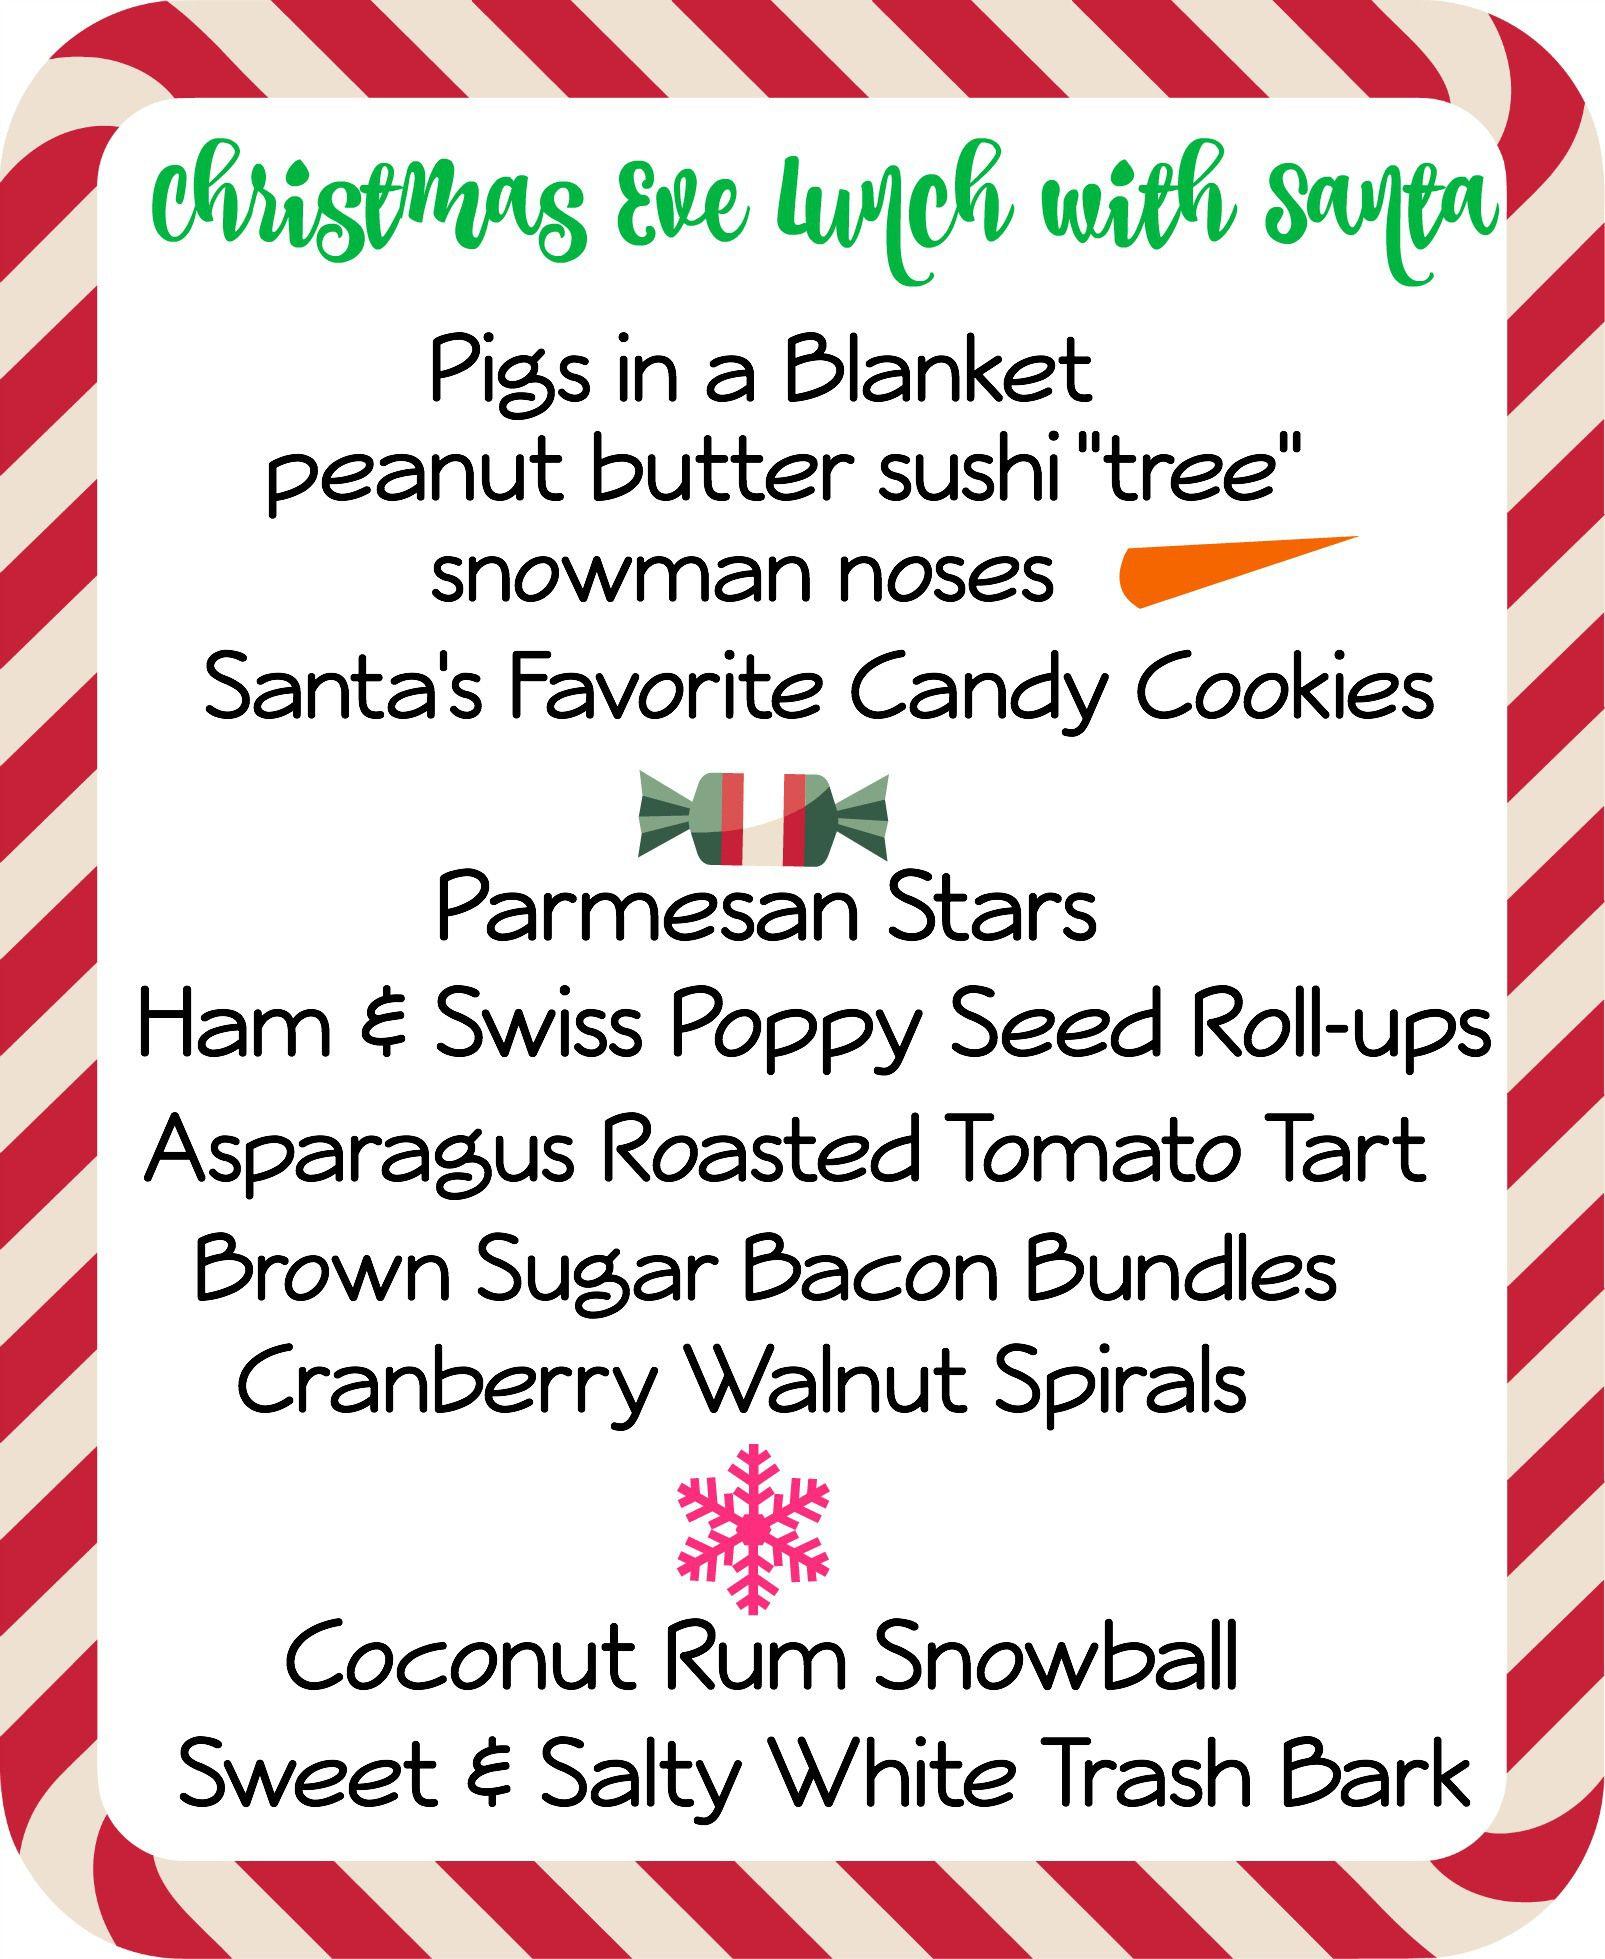 Xmas menu 2   Christmas party   Pinterest   Christmas eve, Xmas and Menu